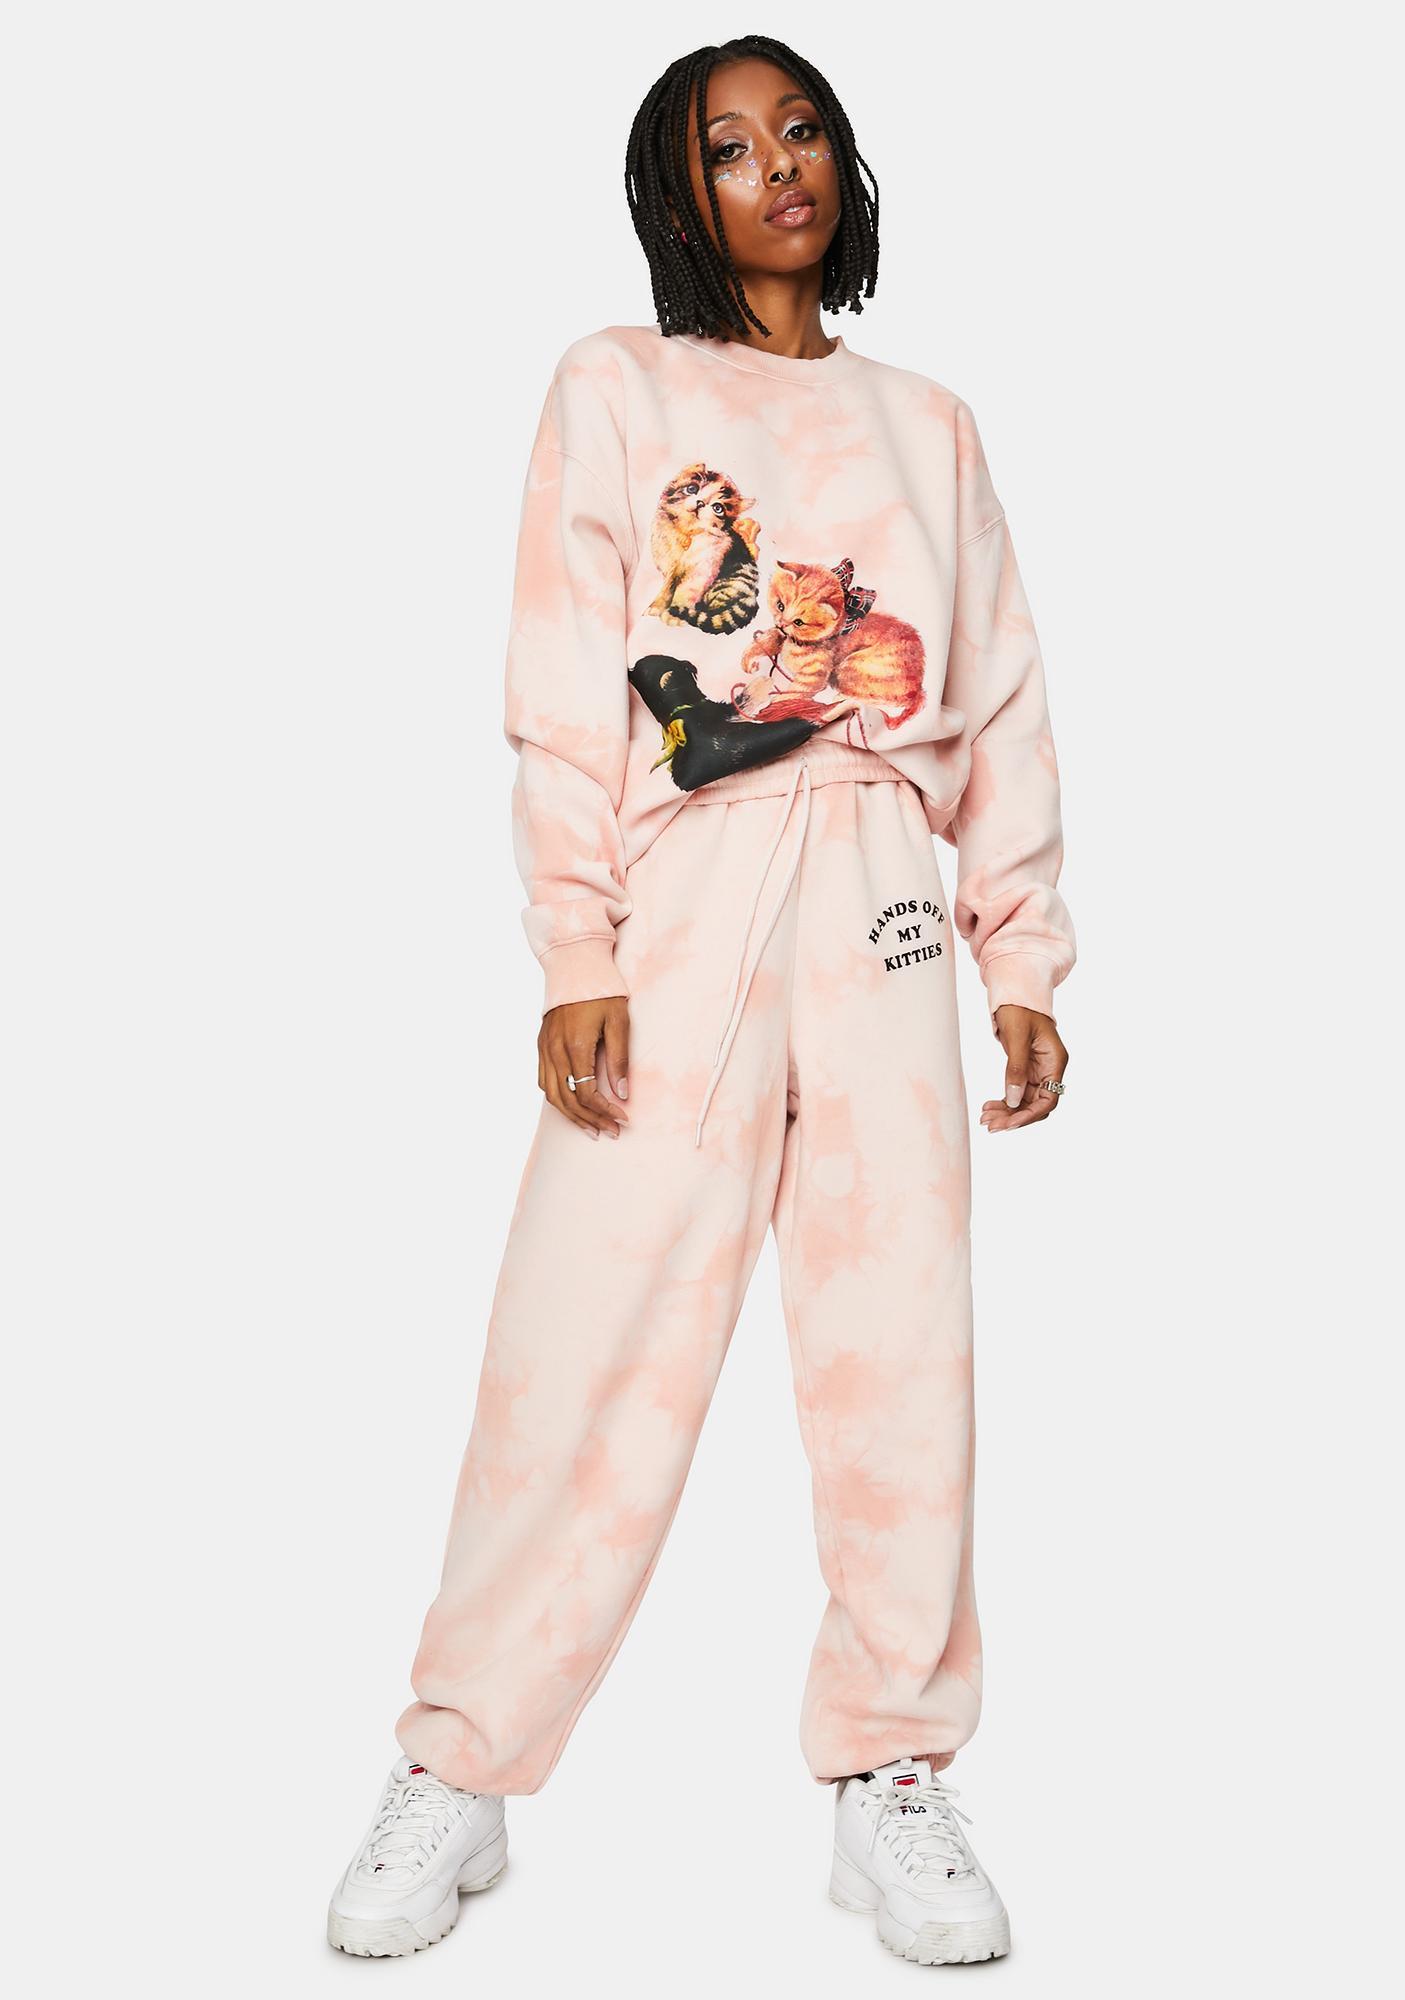 NEW GIRL ORDER Kitten Peach Tie Dye Joggers